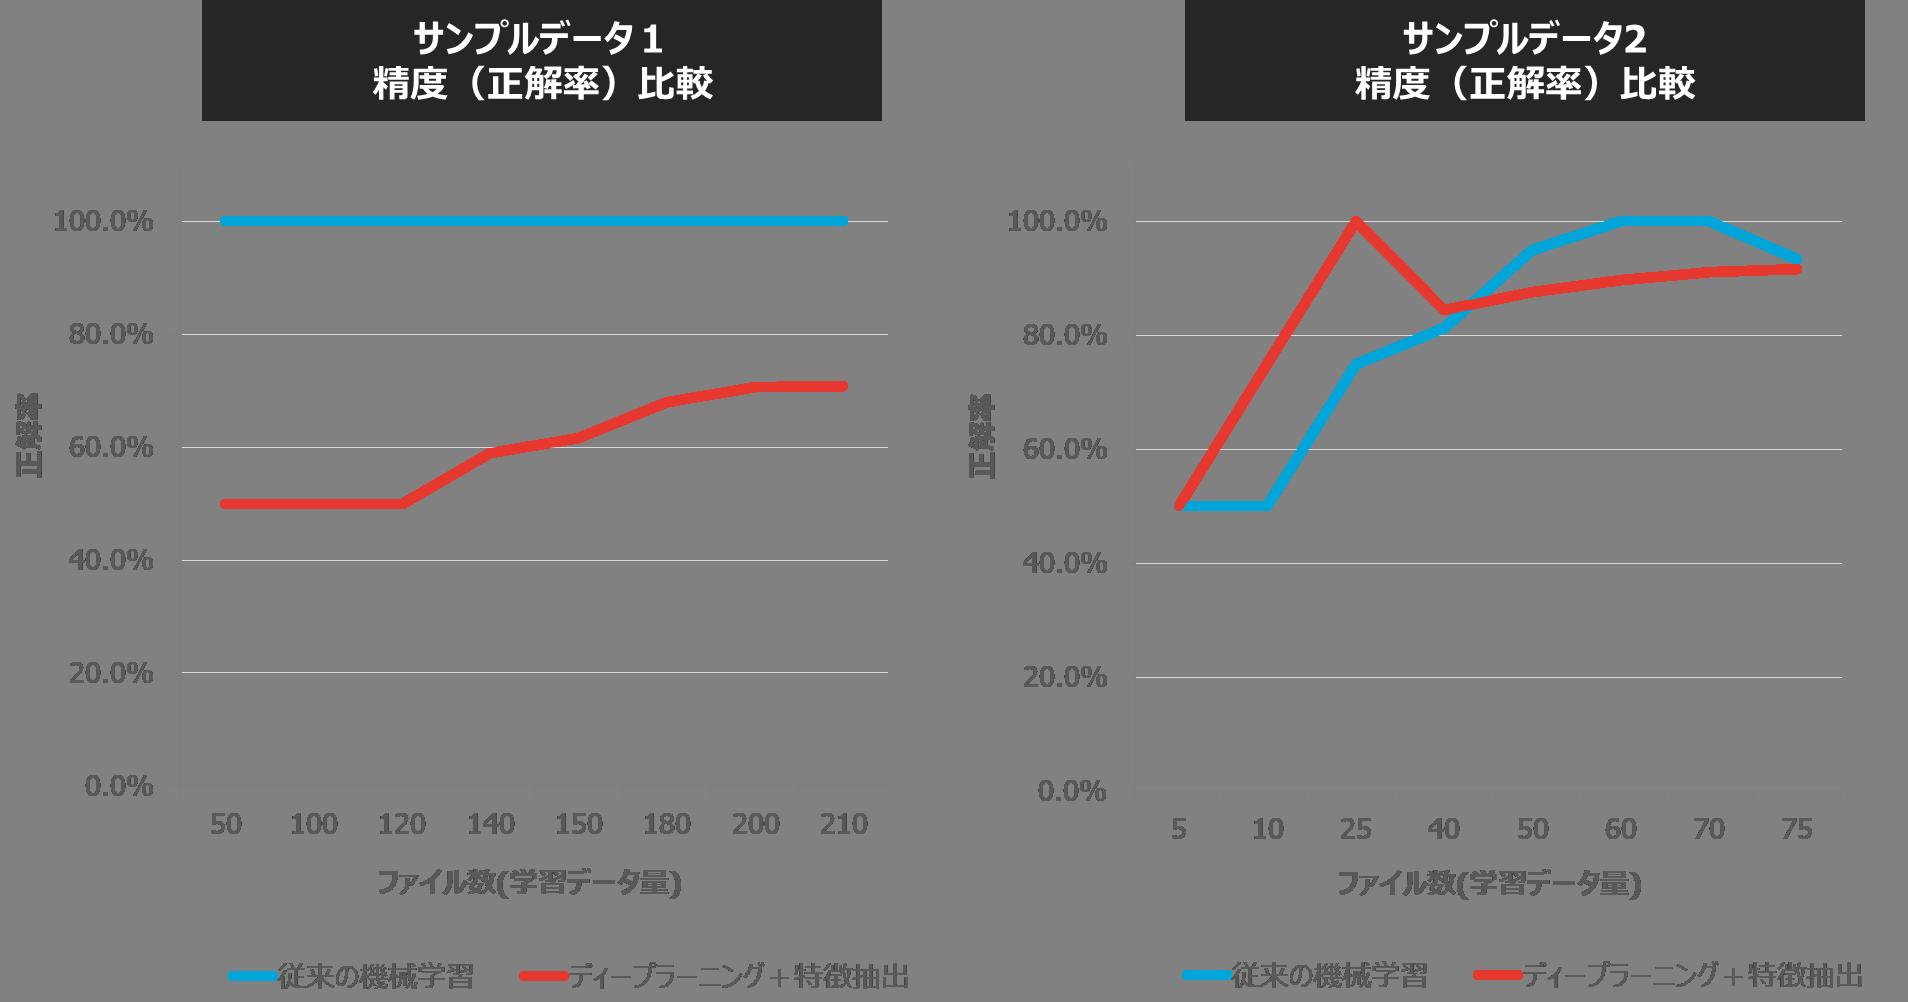 従来の機械学習とディープラーニング+特徴抽出の精度(正解率)比較_1